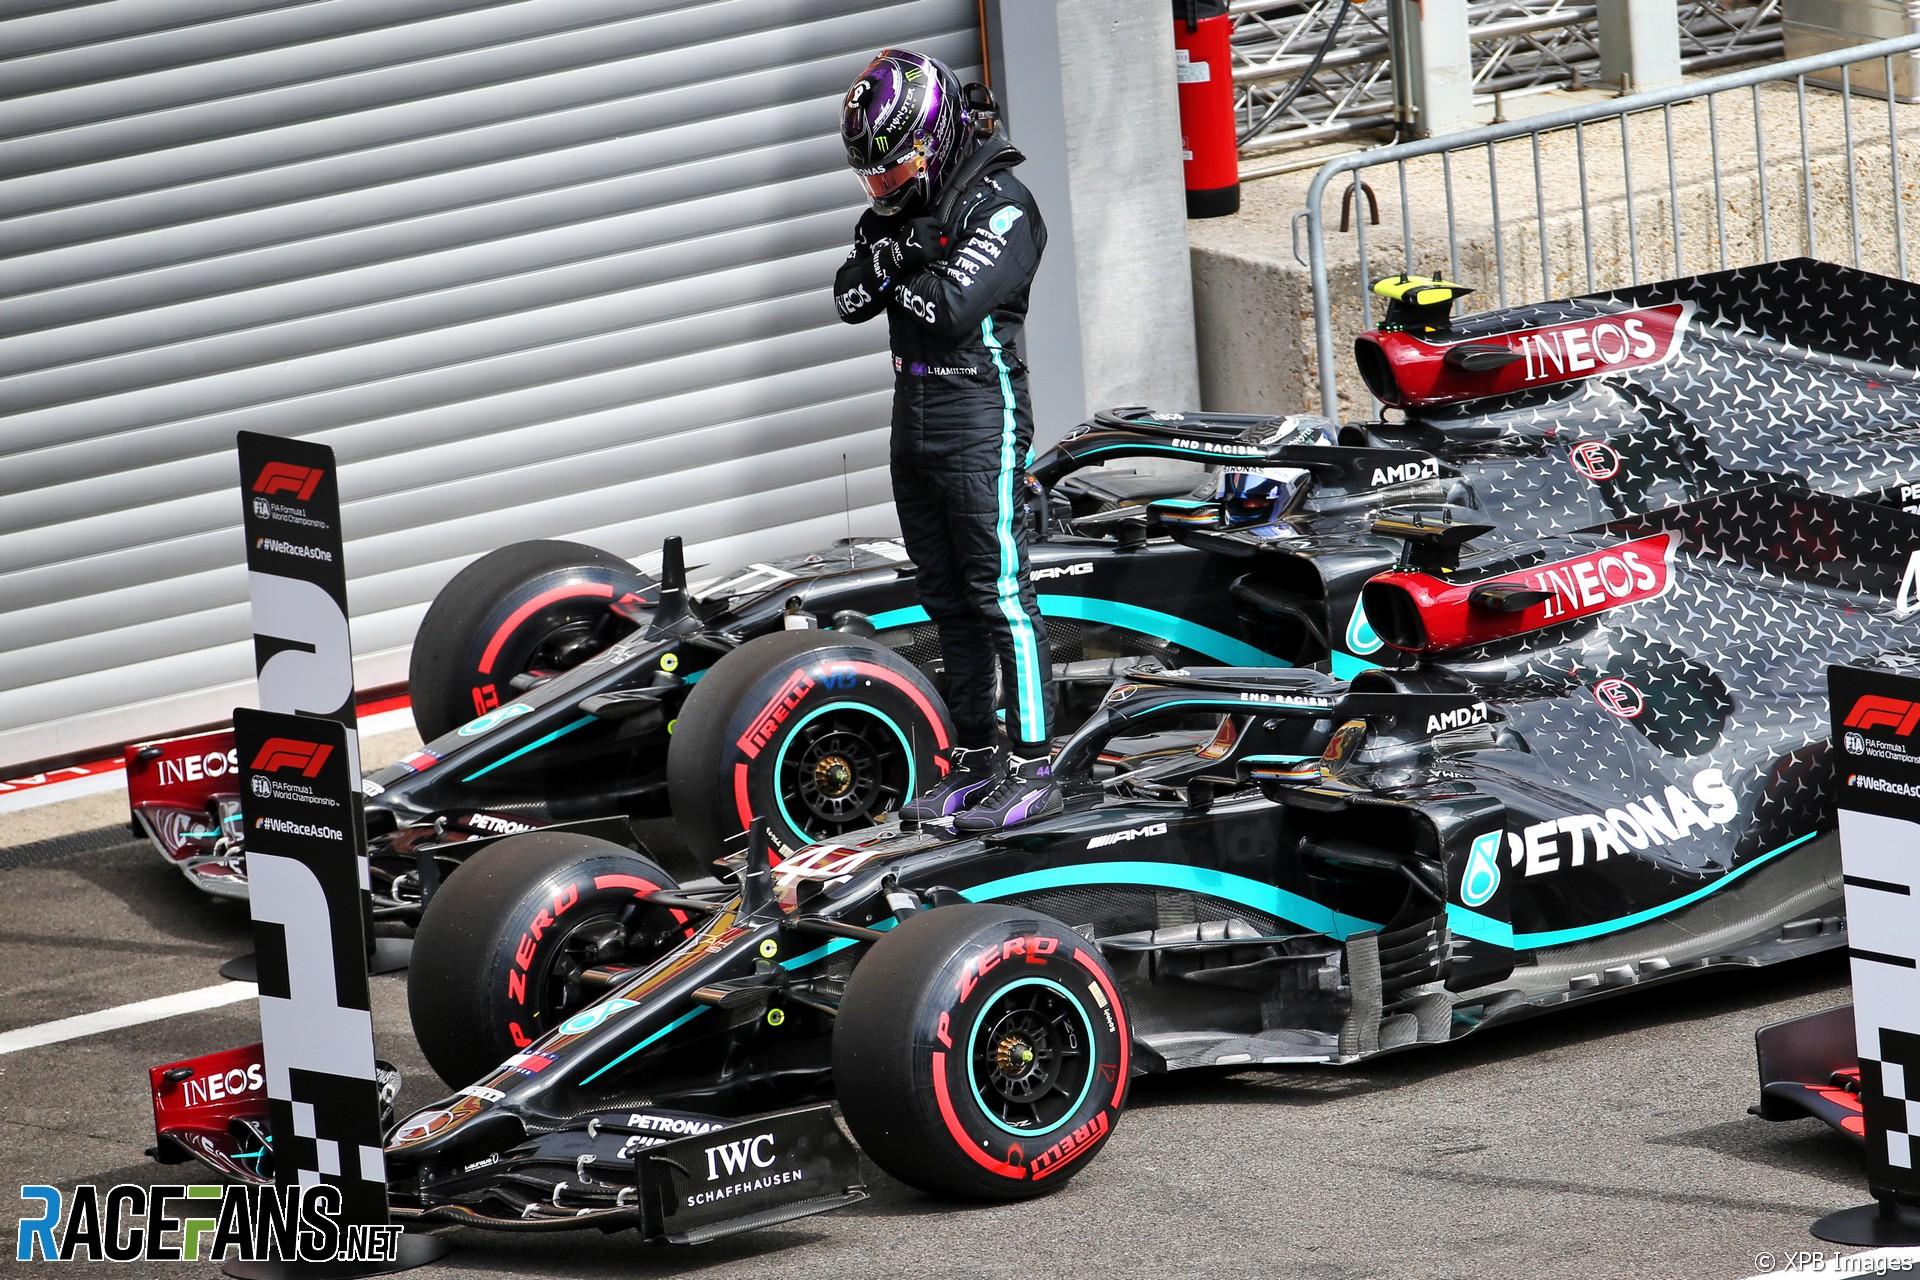 Lewis Hamilton, Mercedes, Spa-Francorchamps, 2020